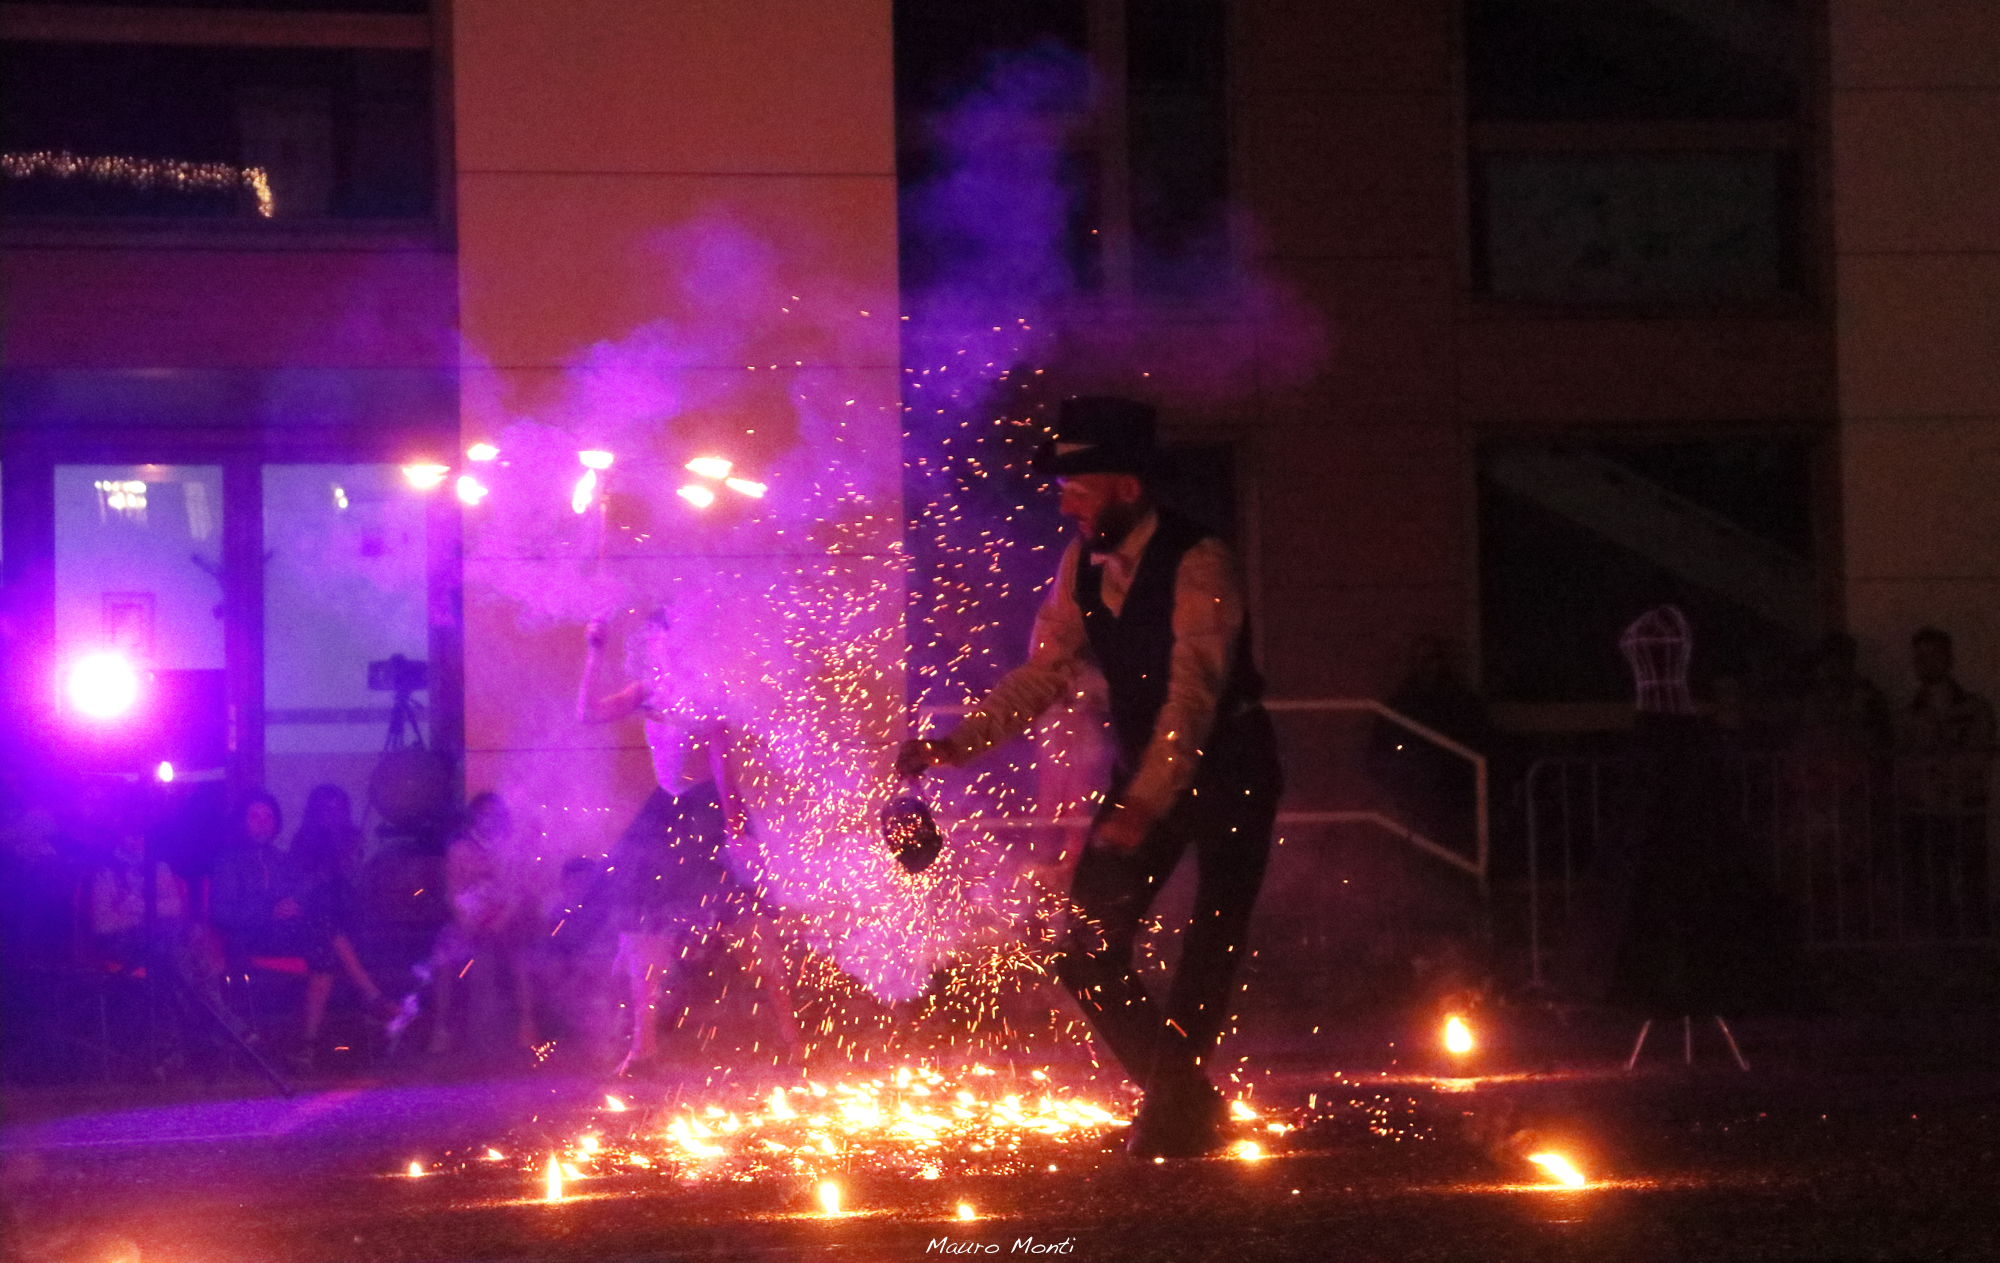 Giocare con il fuoco - (c) Mauro Monti